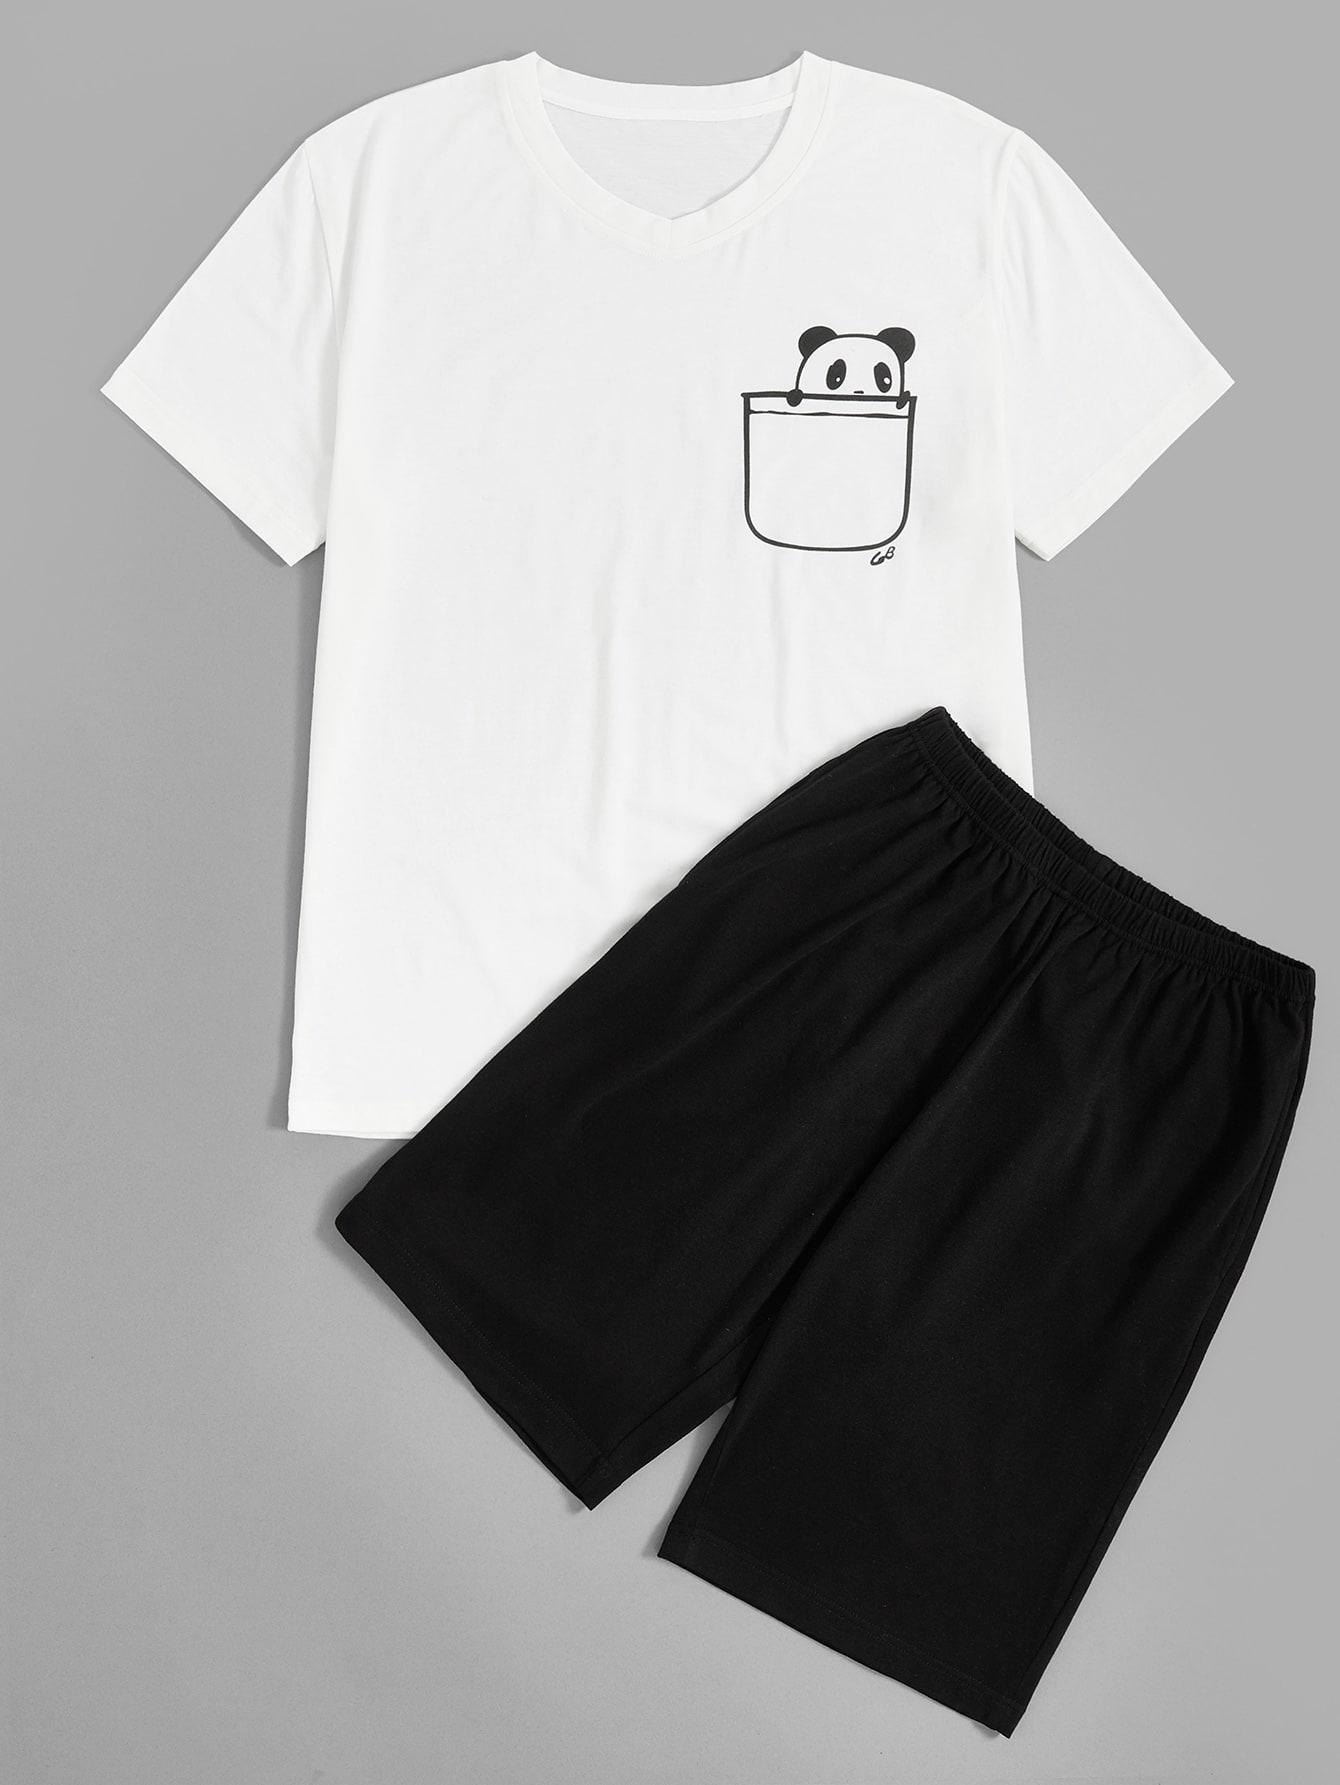 Купить Мужской топ с принтом панды и шорты пижама комплект, null, SheIn